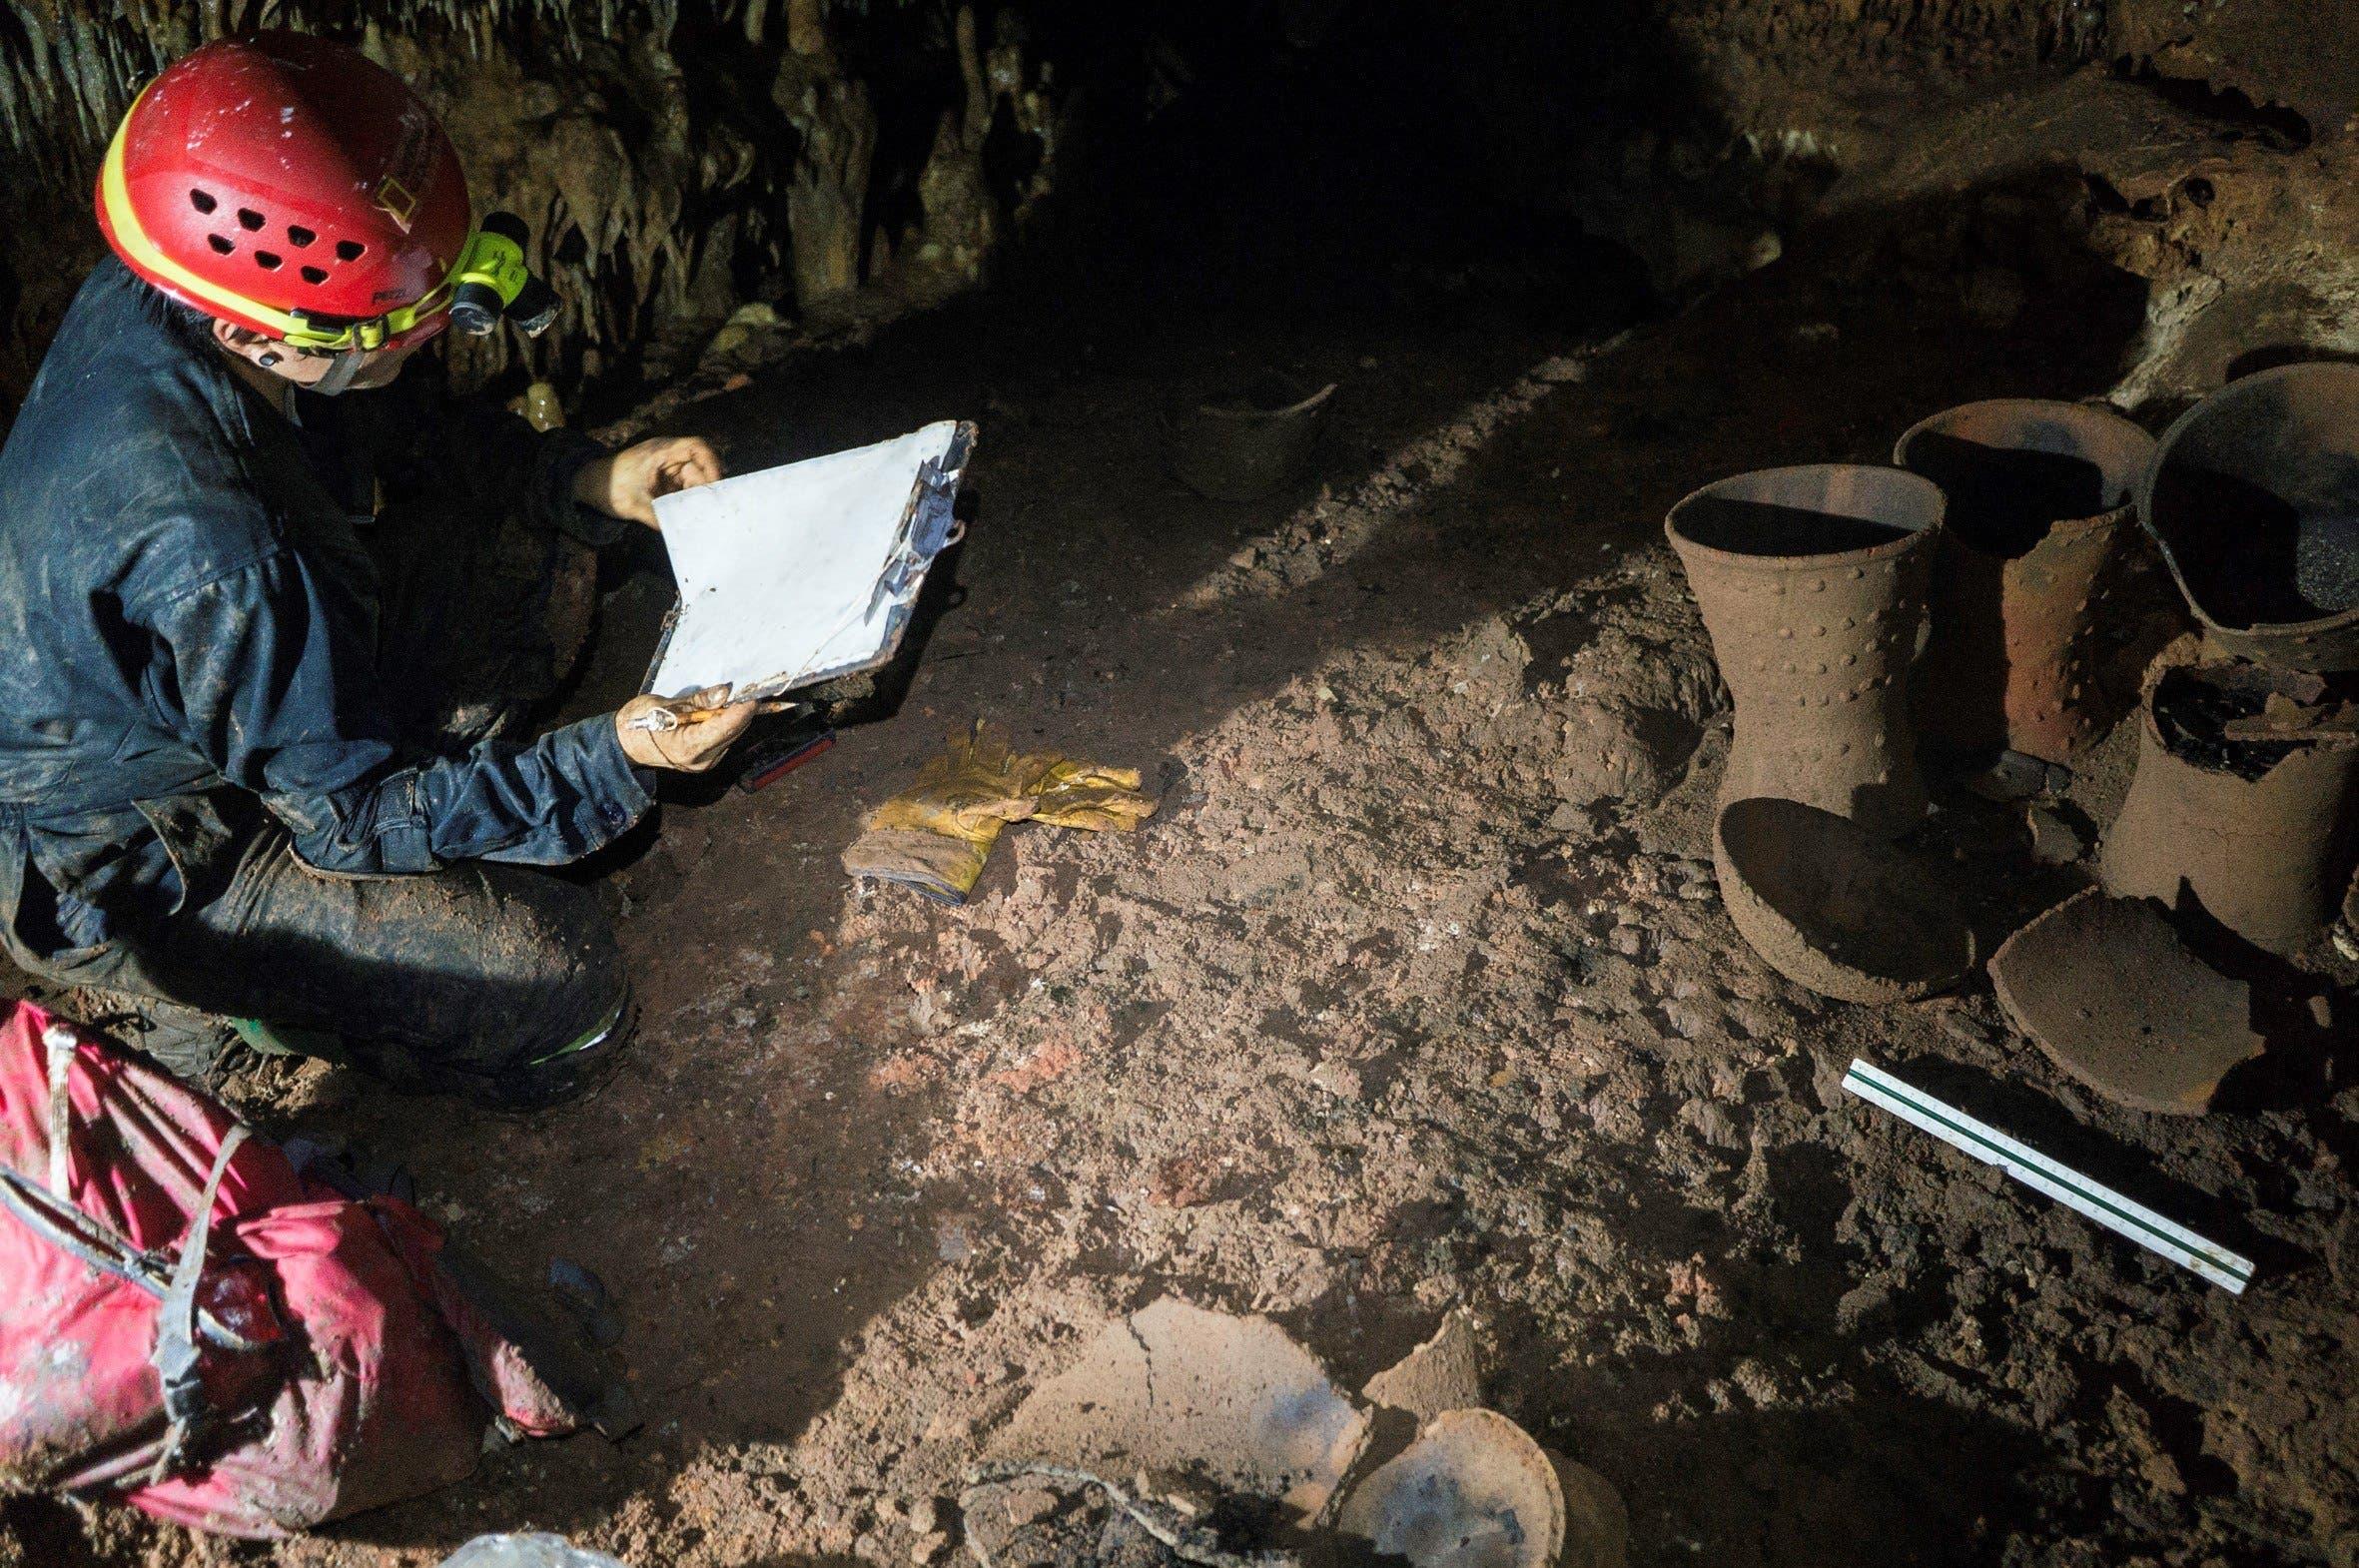 Los materiales serán analizados in situ, con última tecnología de corte no invasivo. También se prepara un mapa elaborado de esa cueva sagrada.